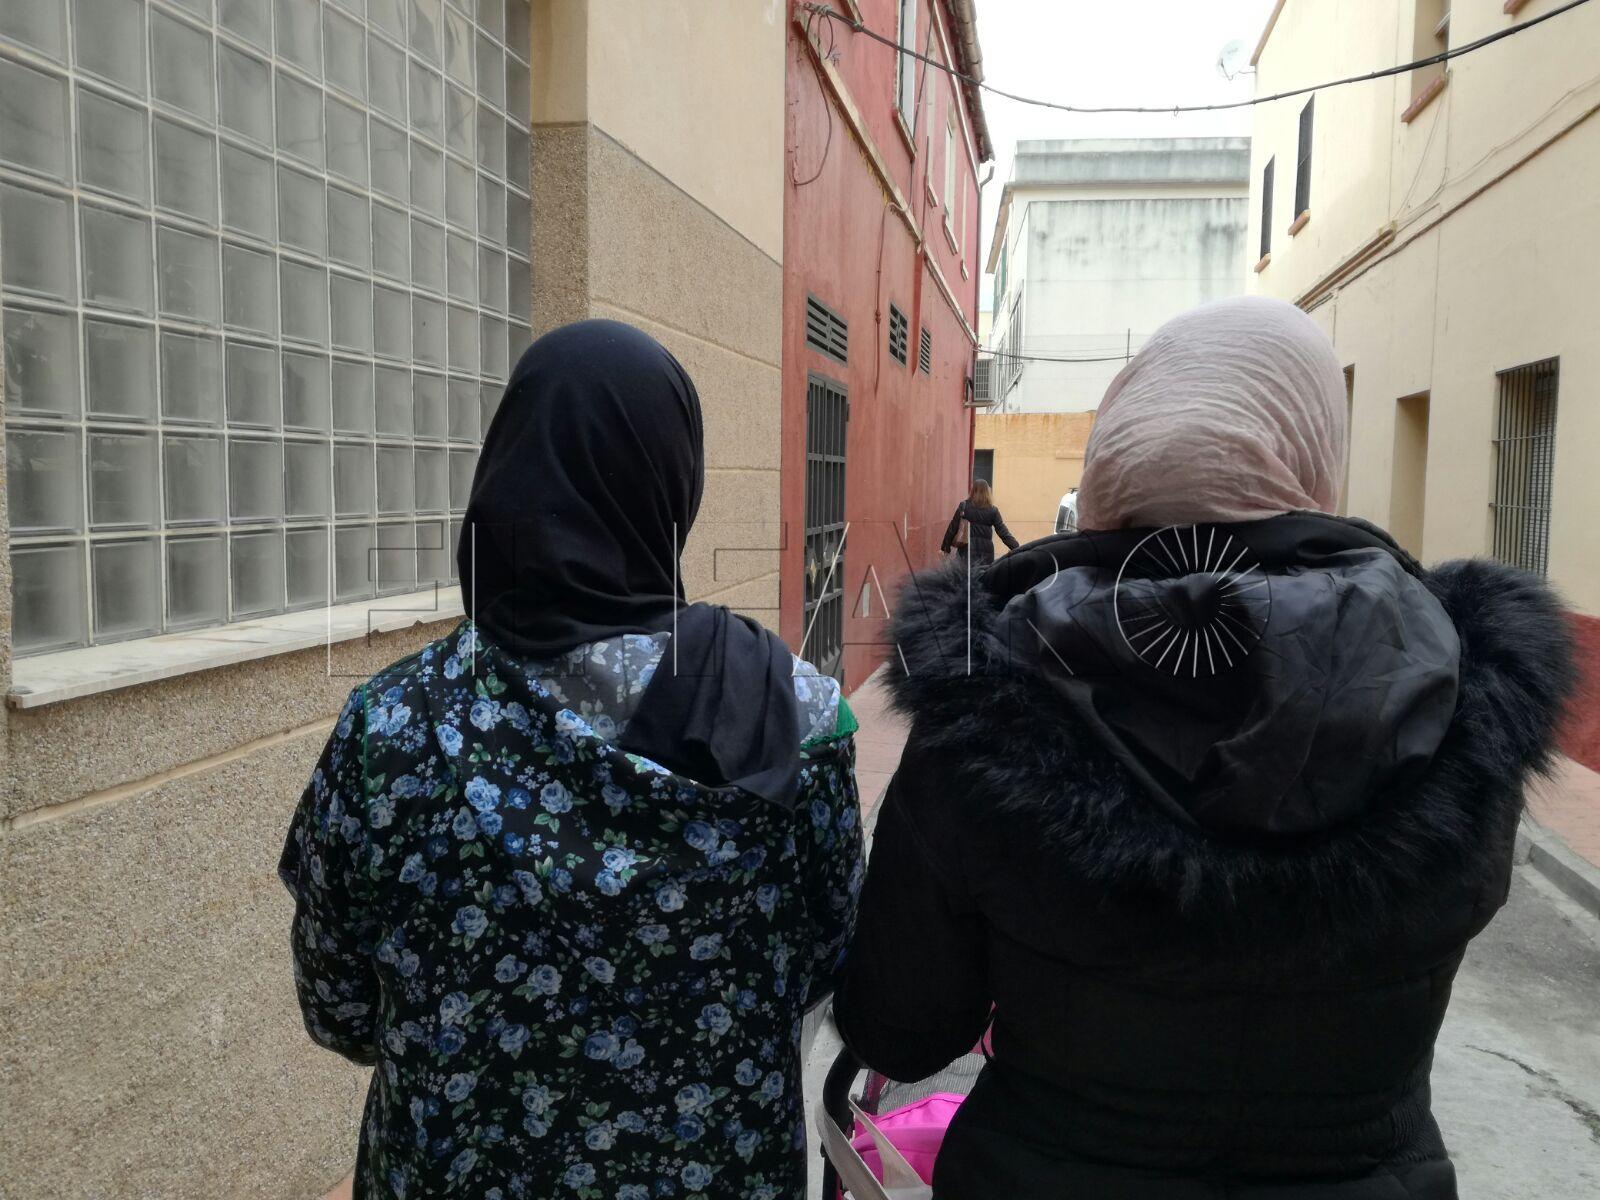 Dos ciudadanas se encierran durante varias horas en Asuntos Sociales para exigir un alojamiento alternativo